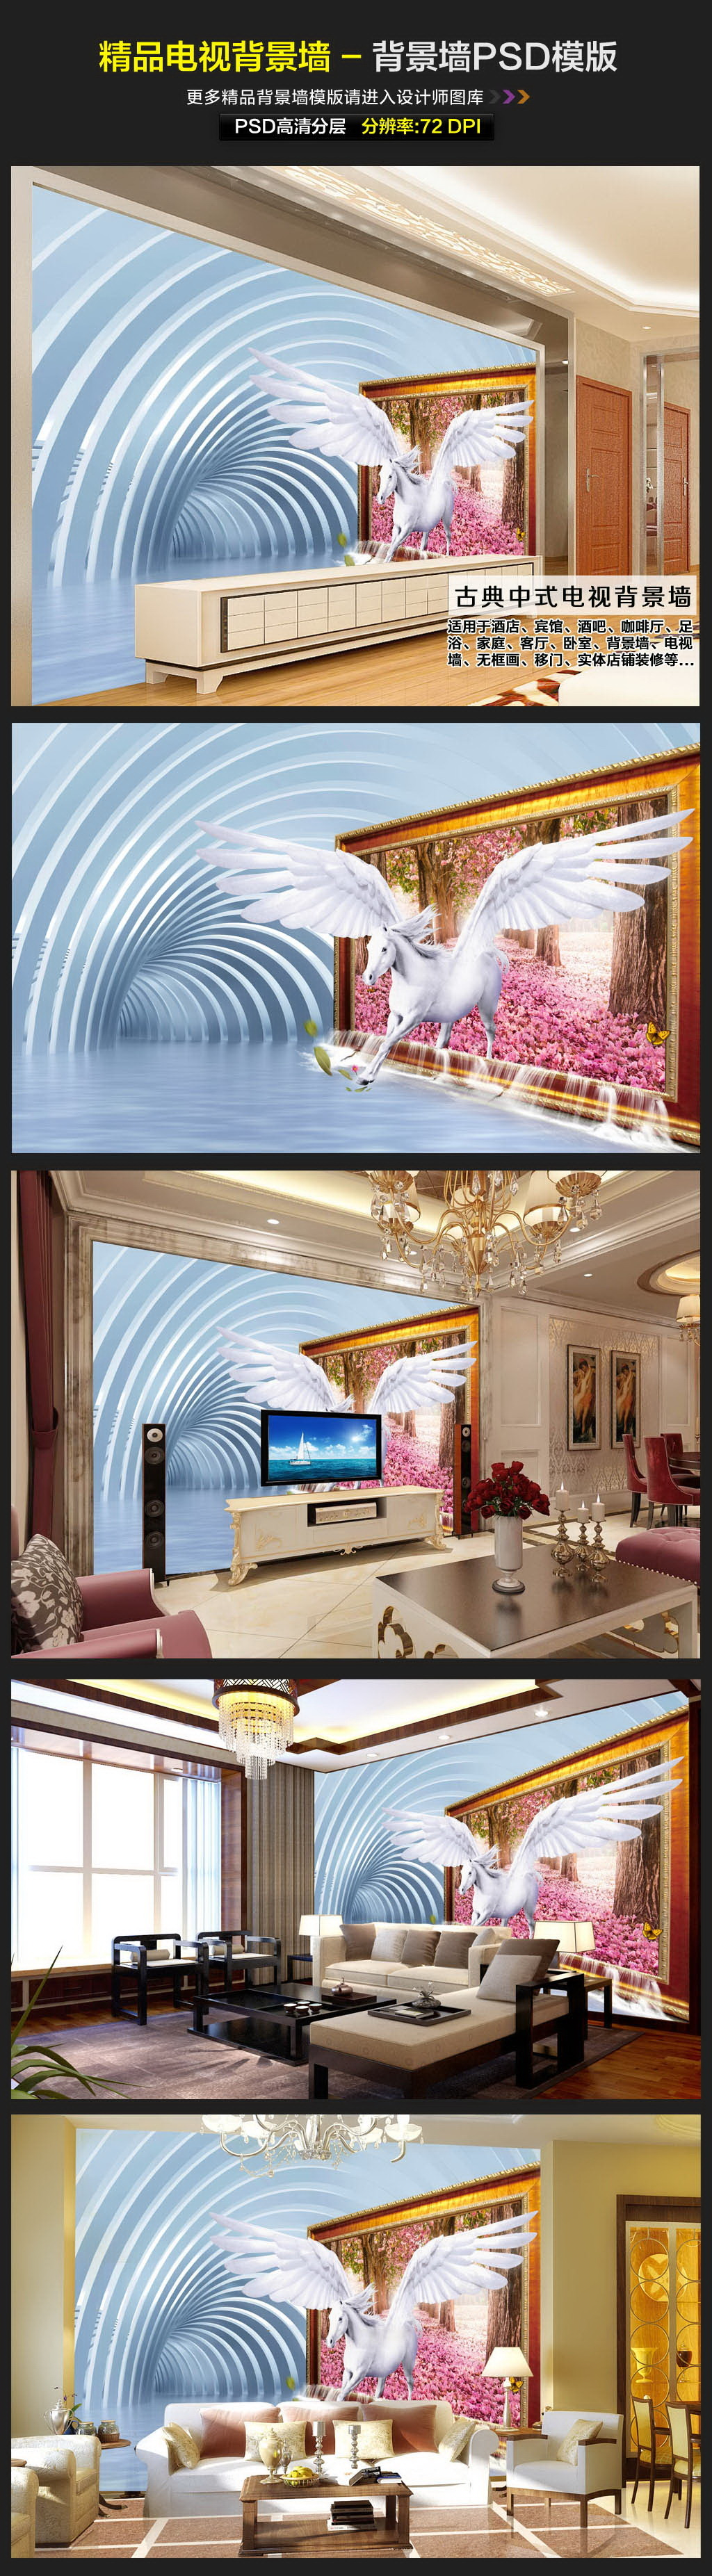 背景墙 电视 飞马/[版权图片]3D立体壁画梦幻飞马电视背景墙